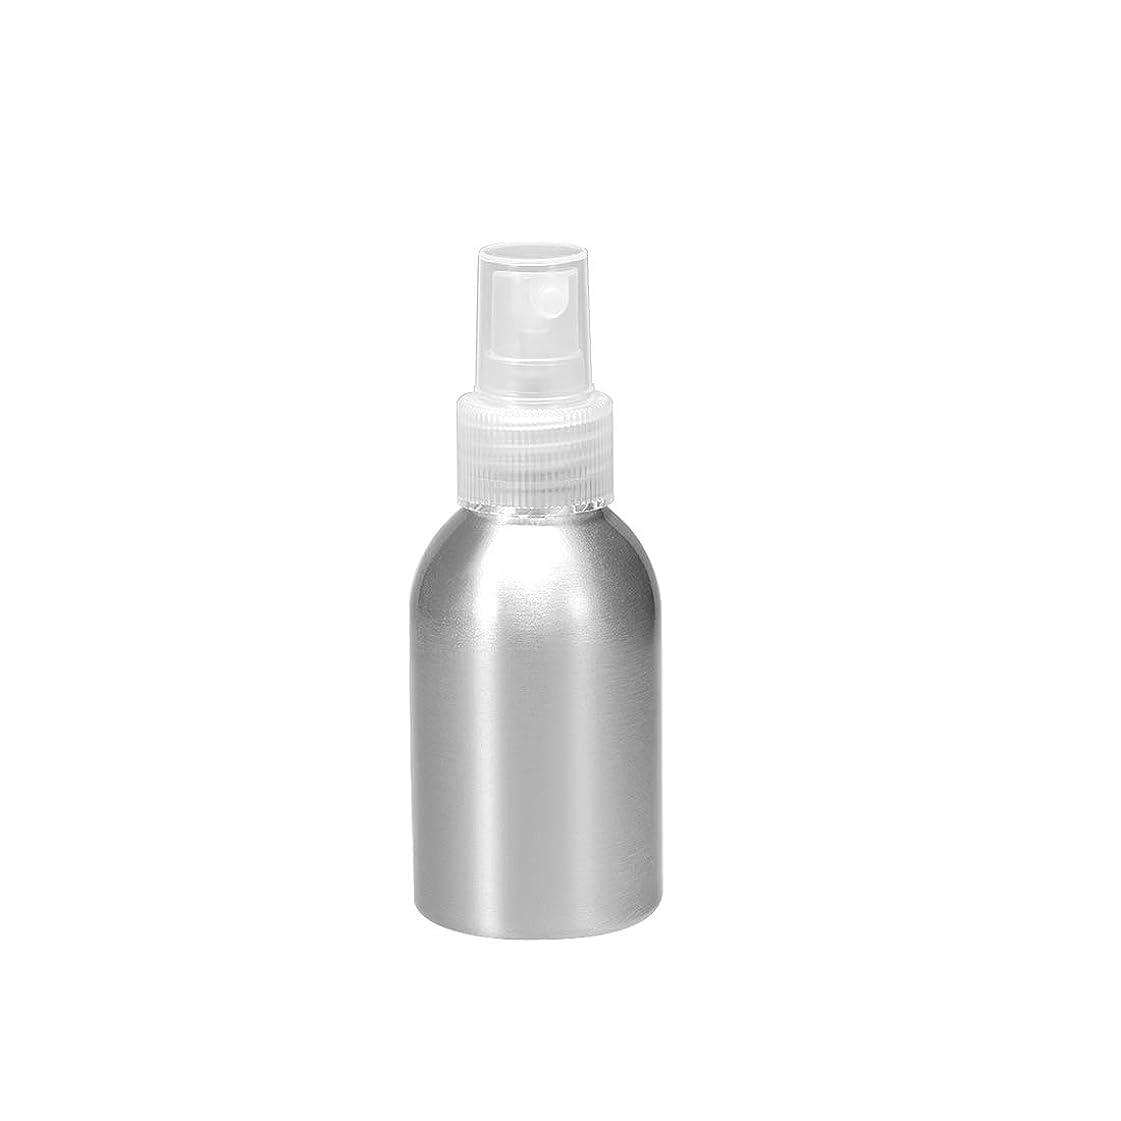 三角形翻訳失効uxcell アルミスプレーボトル クリアファインミストスプレー付き 空の詰め替え式コンテナ トラベルボトル 1.7oz/50ml